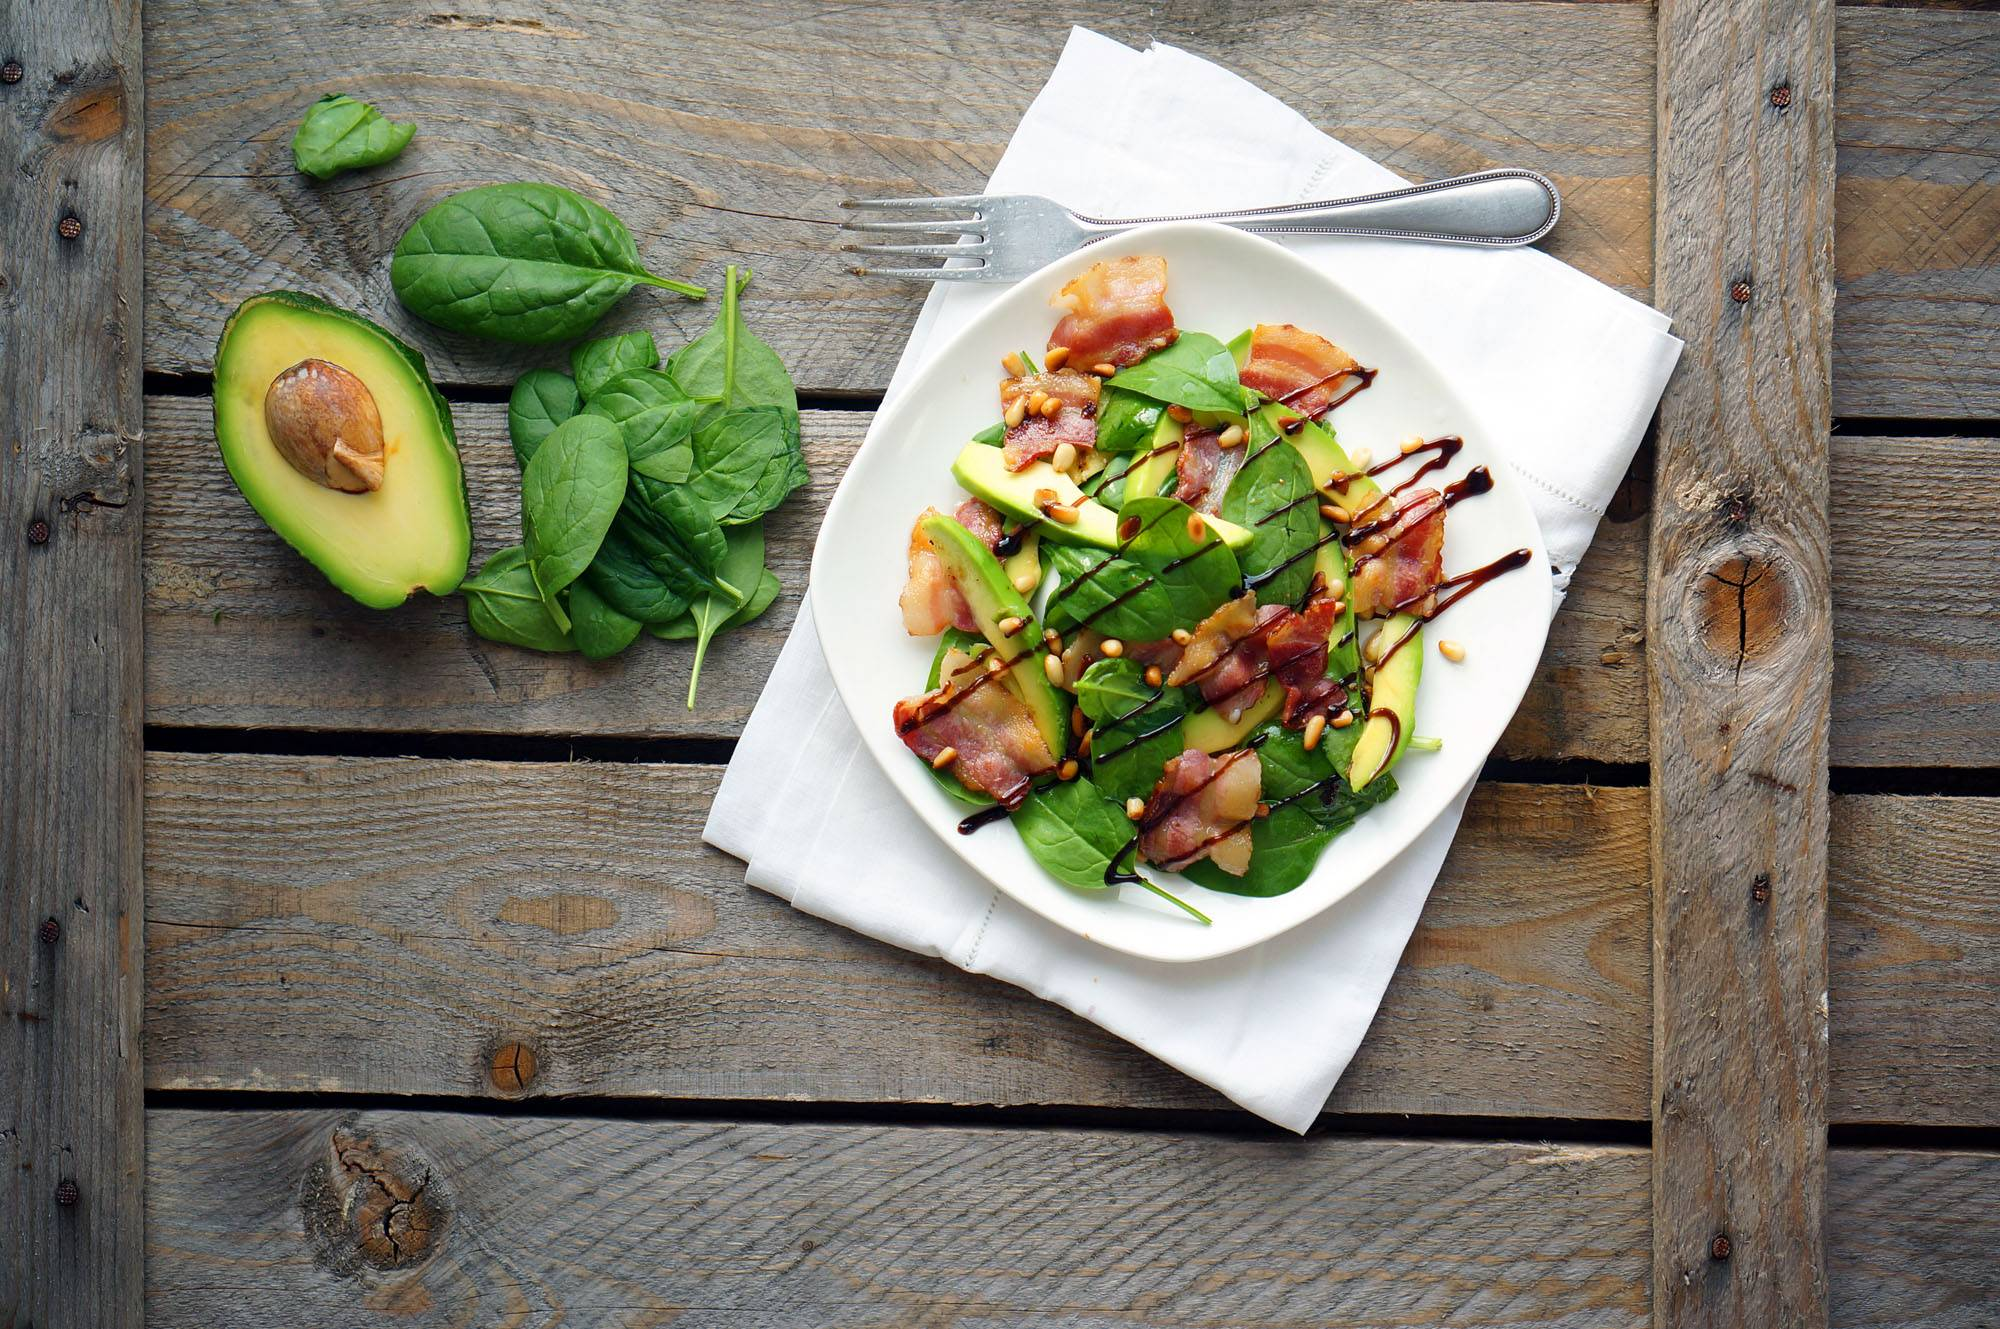 Салат с авокадо и беконом от Джейми Оливера, пошаговый фото рецепт, кулинарный блог